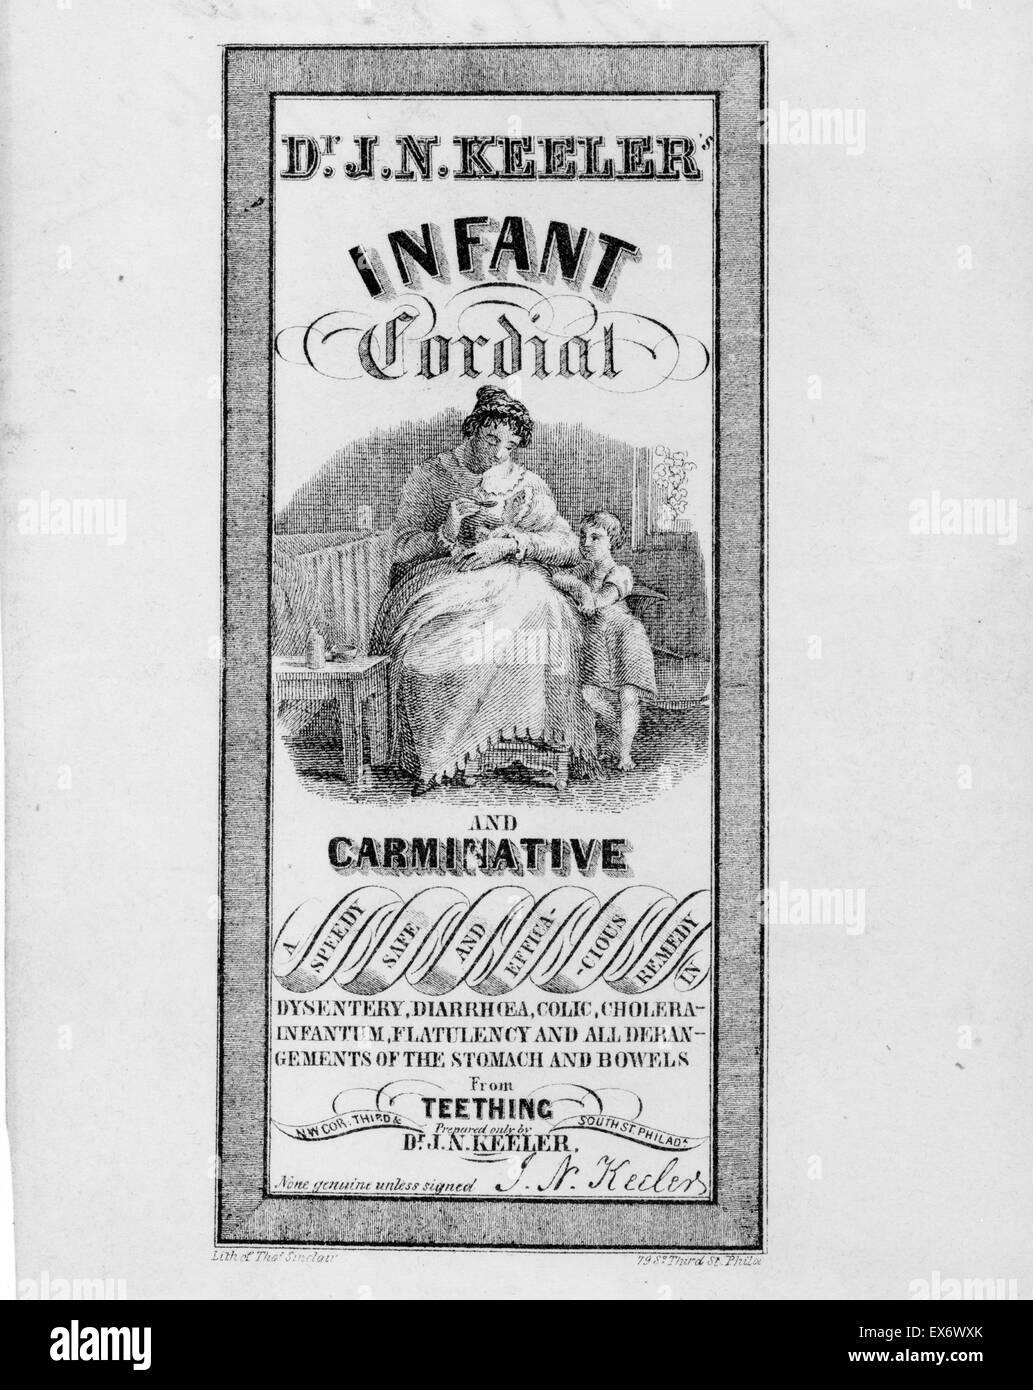 L'étiquette des médicaments de J.N. Keeler et cordiale de l'enfant montrant une femme médecine carminative donnant le médicament à son bébé. Datée 1846 Banque D'Images